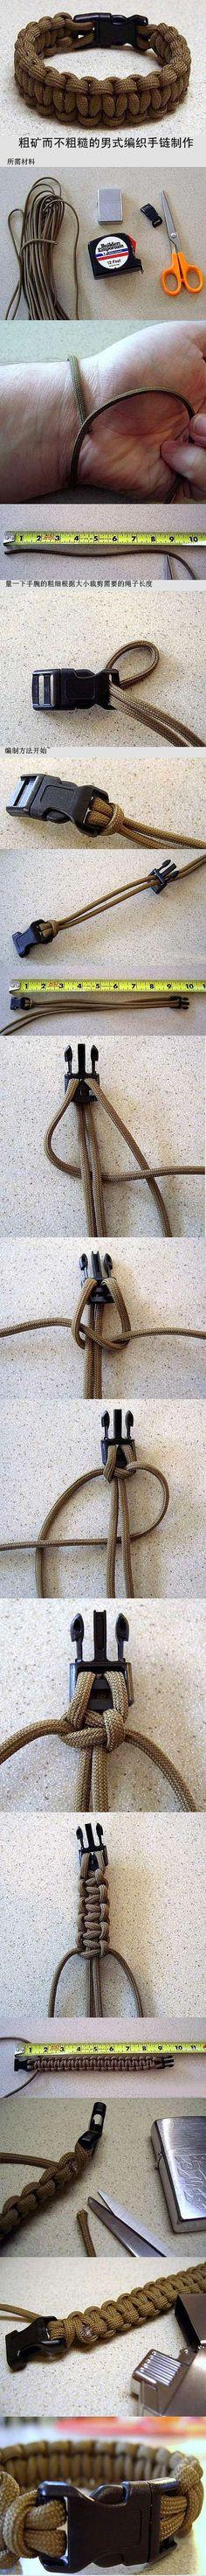 DIY Rough Woven Bracelet DIY Projects